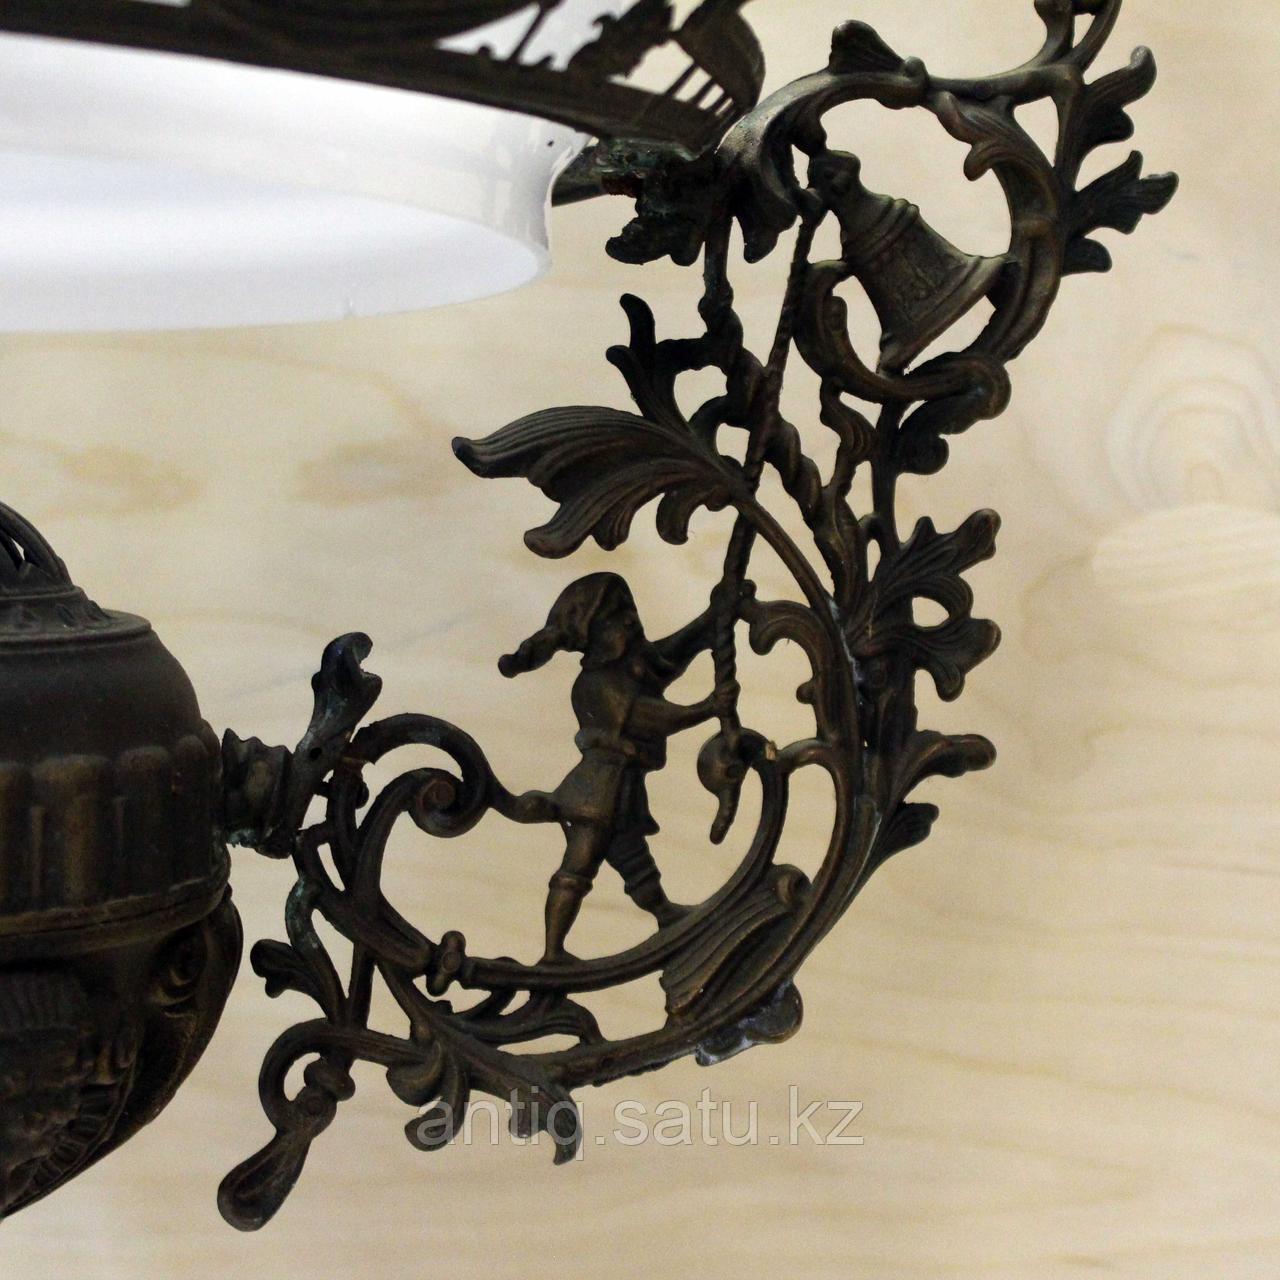 Люстра с куполом. Западная Европа - фото 6